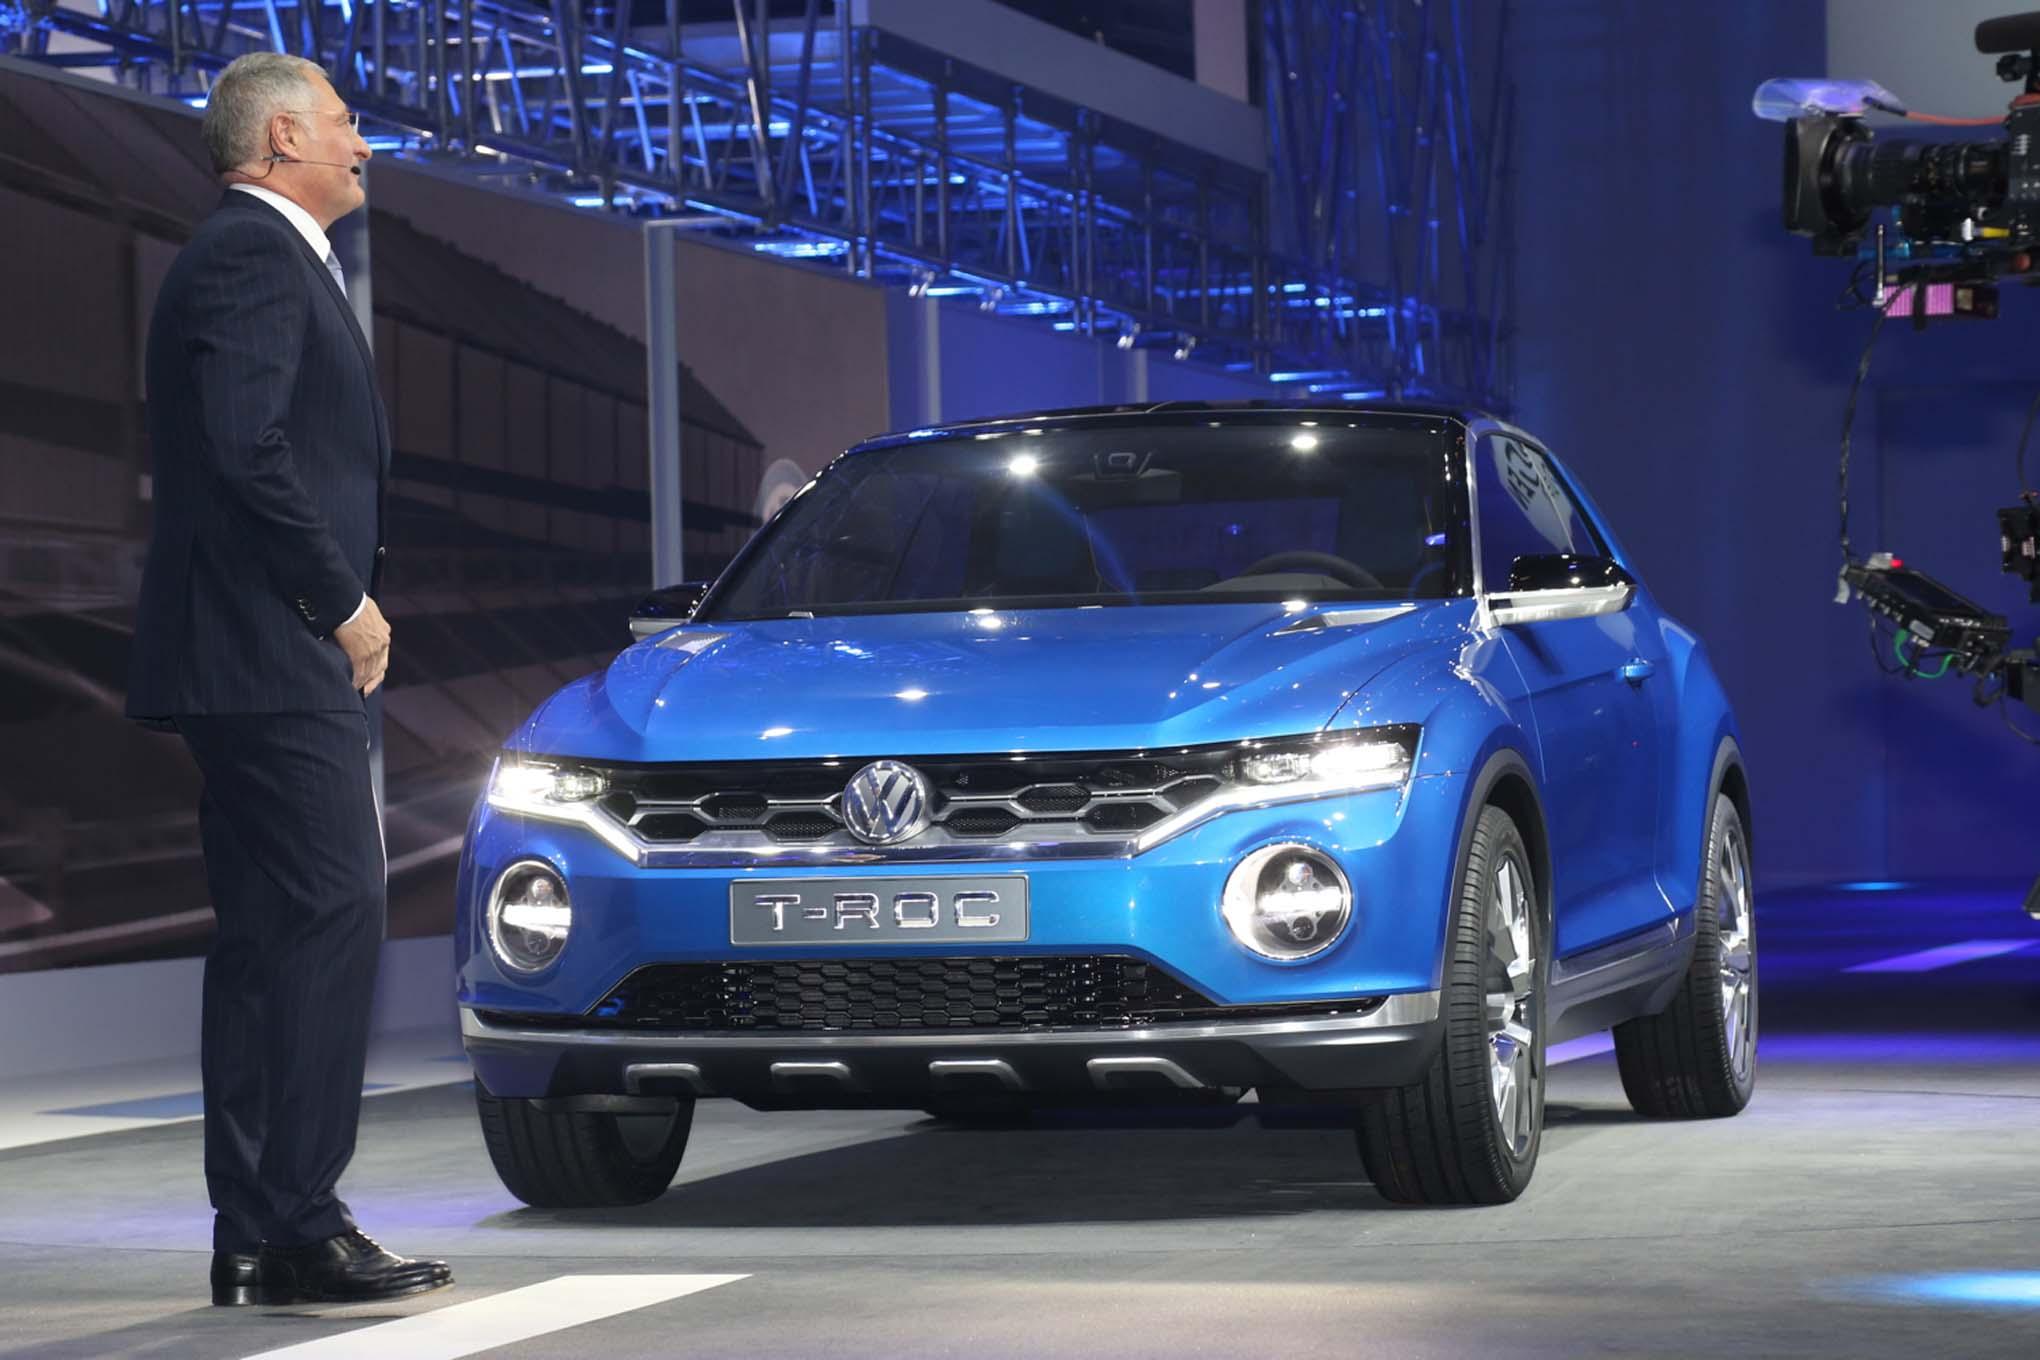 El Golf se trasformara en un SUV urbano con personalidad y detalles propios que se llamara T-Roc.